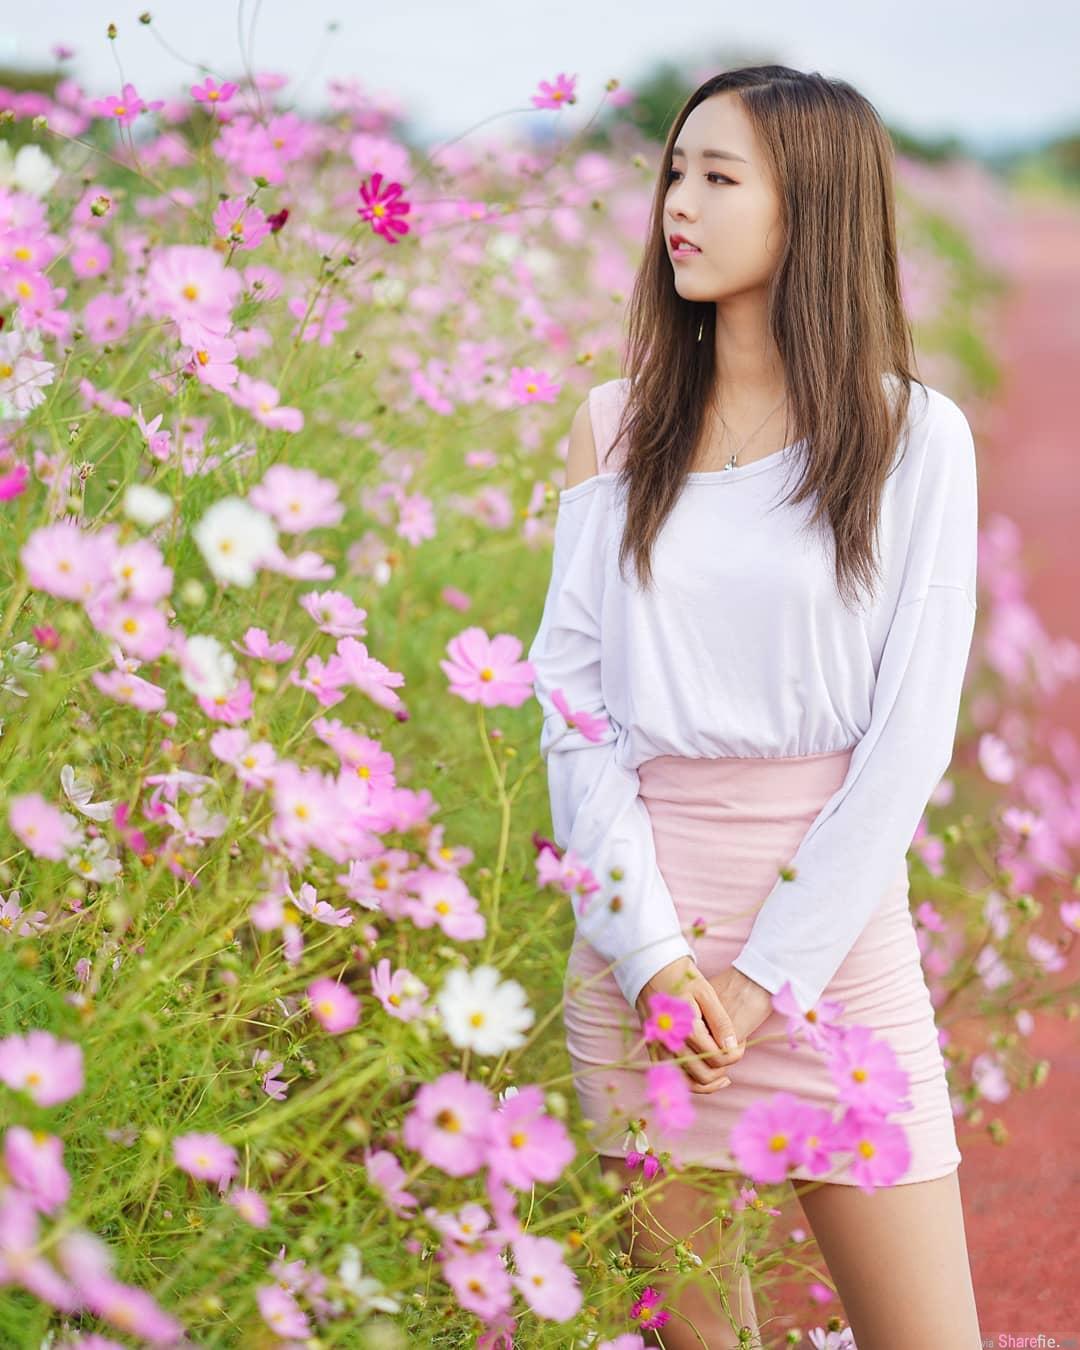 超美!韩国正妹翘臀美腿,外拍捕捉绝美身影